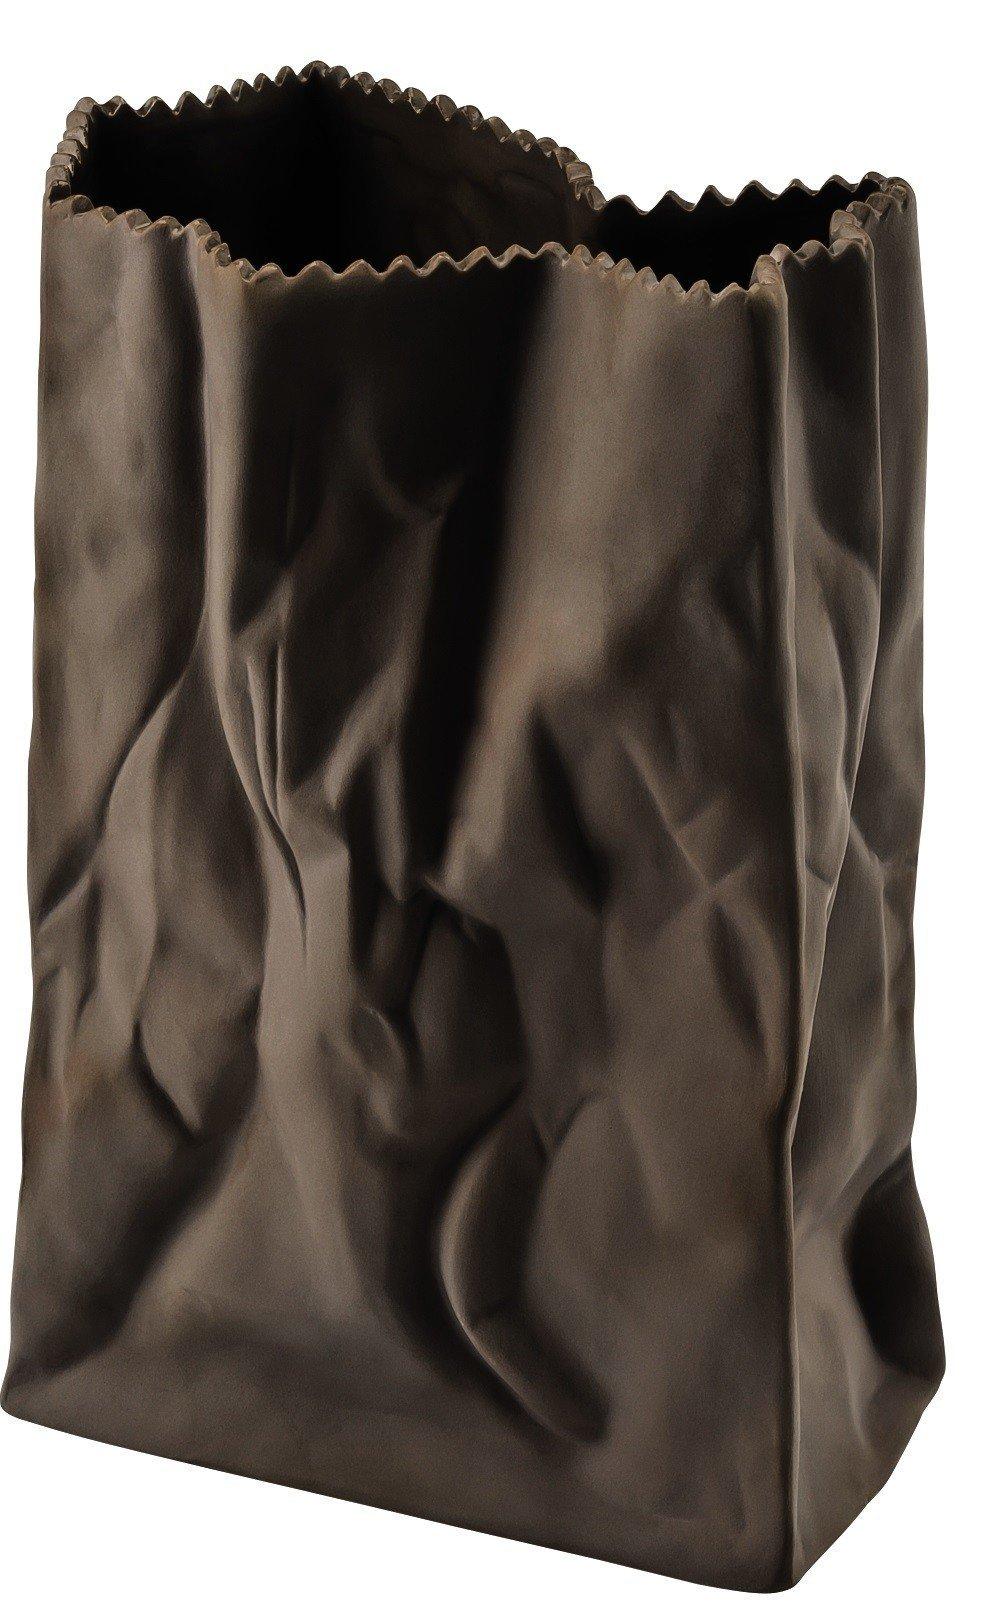 Rosenthal Bag Vase Macaroon 18 cm